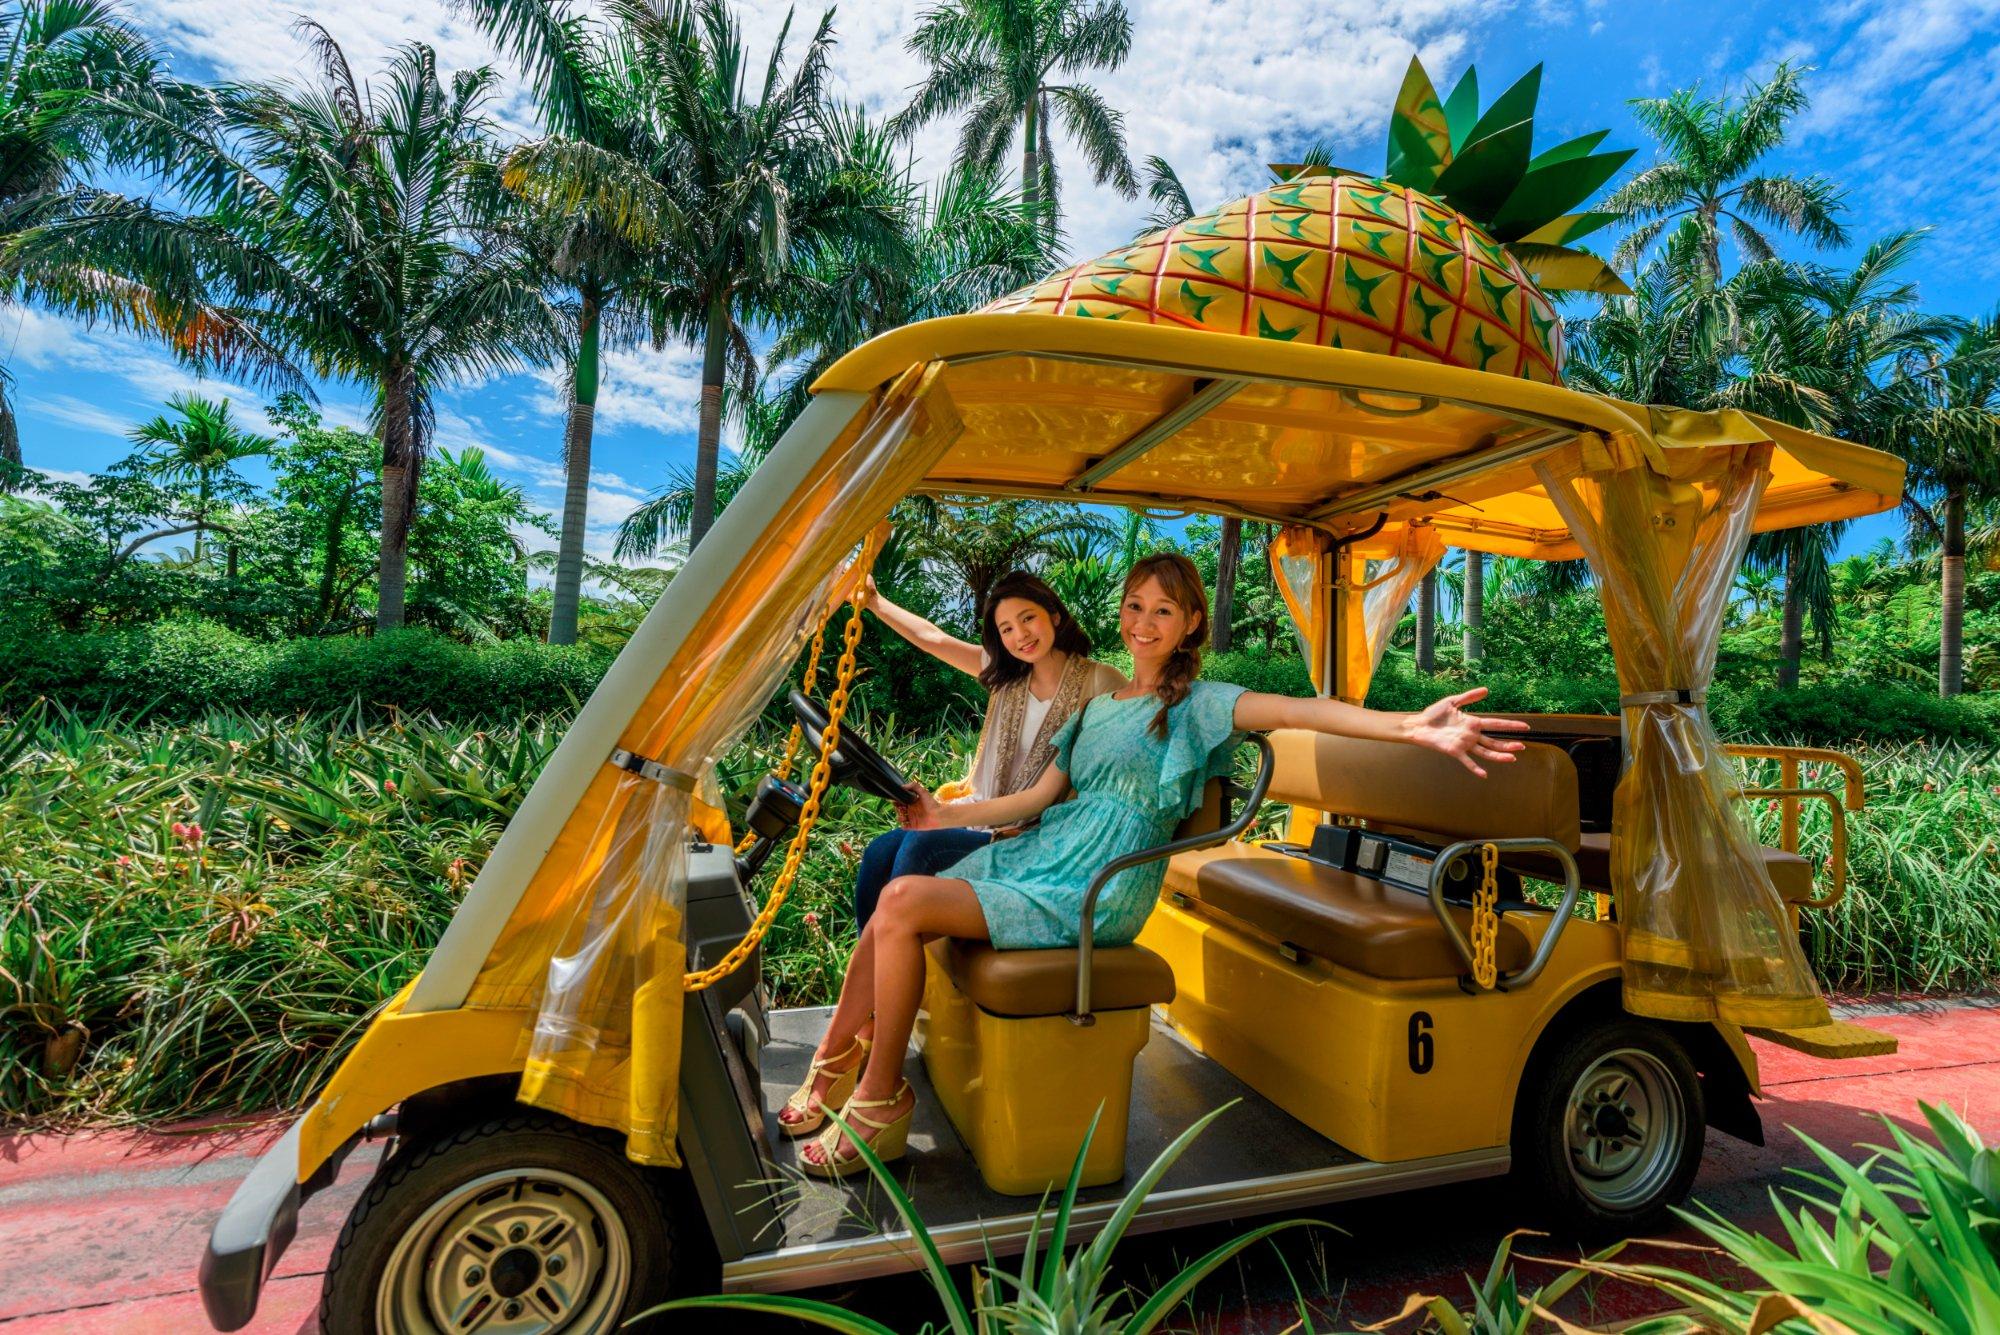 沖縄「ナゴパイナップルパーク」の料金や営業時間は?人気の食べ放題もあり!